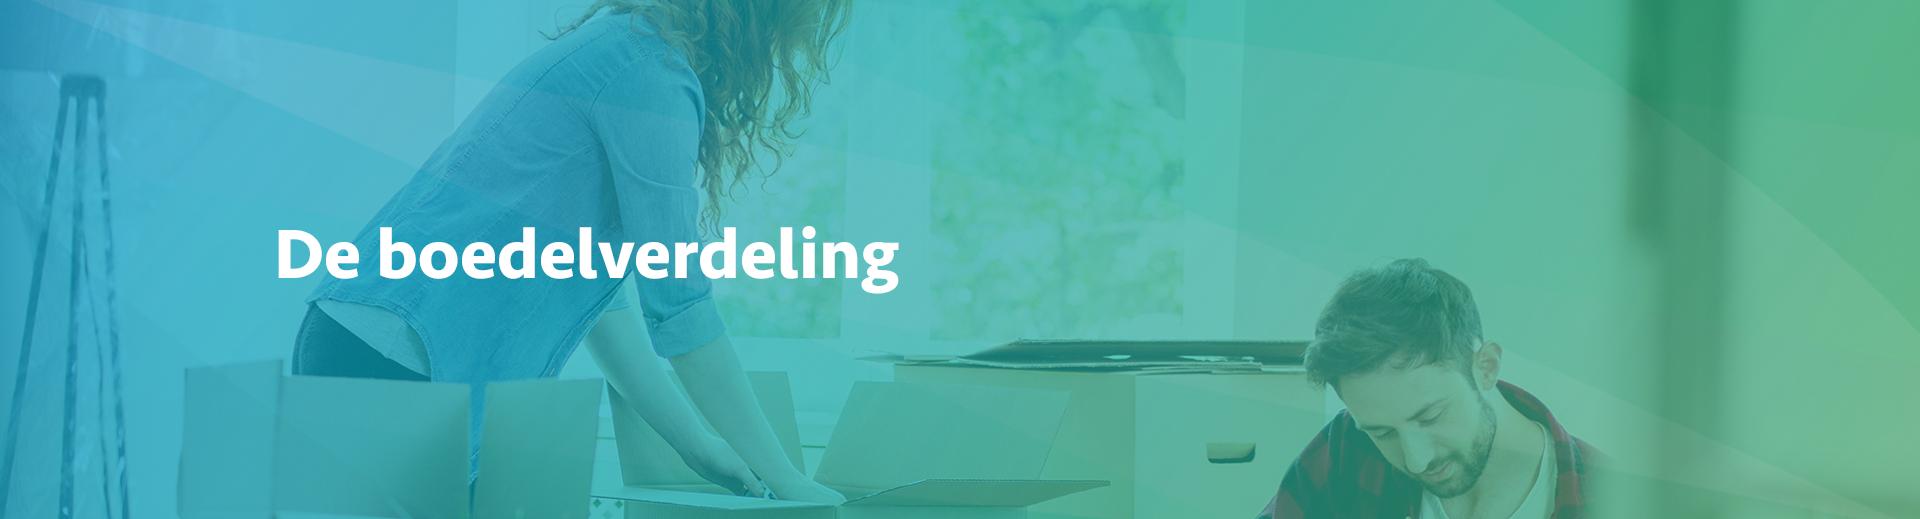 De boedelverdeling bij een scheiding - Scheidingsplanner Midden-Nederland